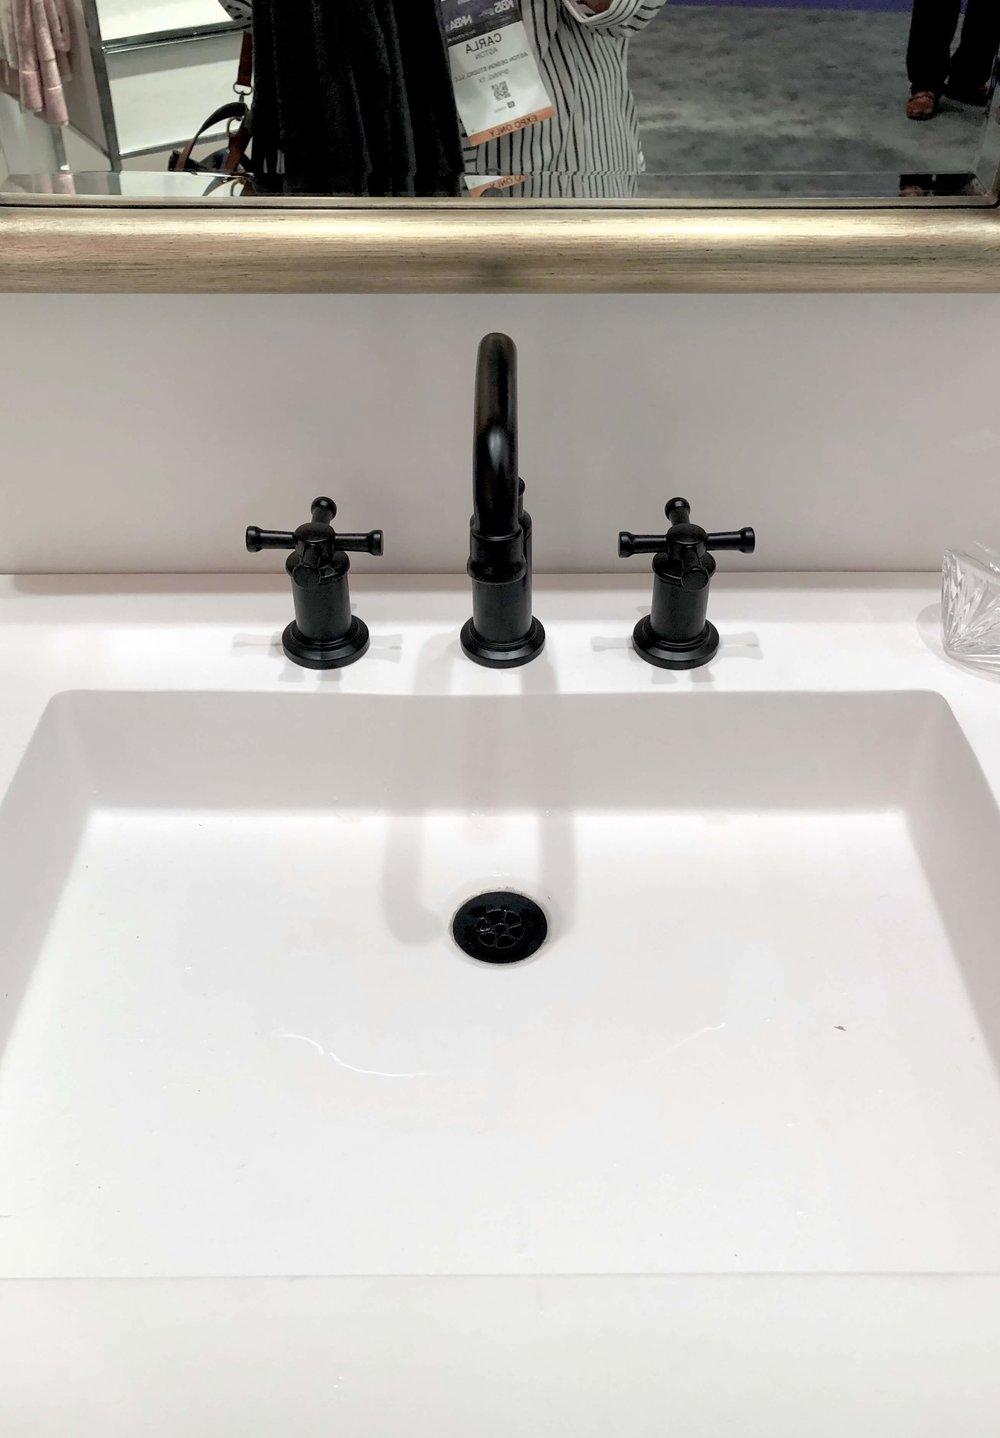 Black Bathroom Faucets Fixtures, Black Bathroom Faucets